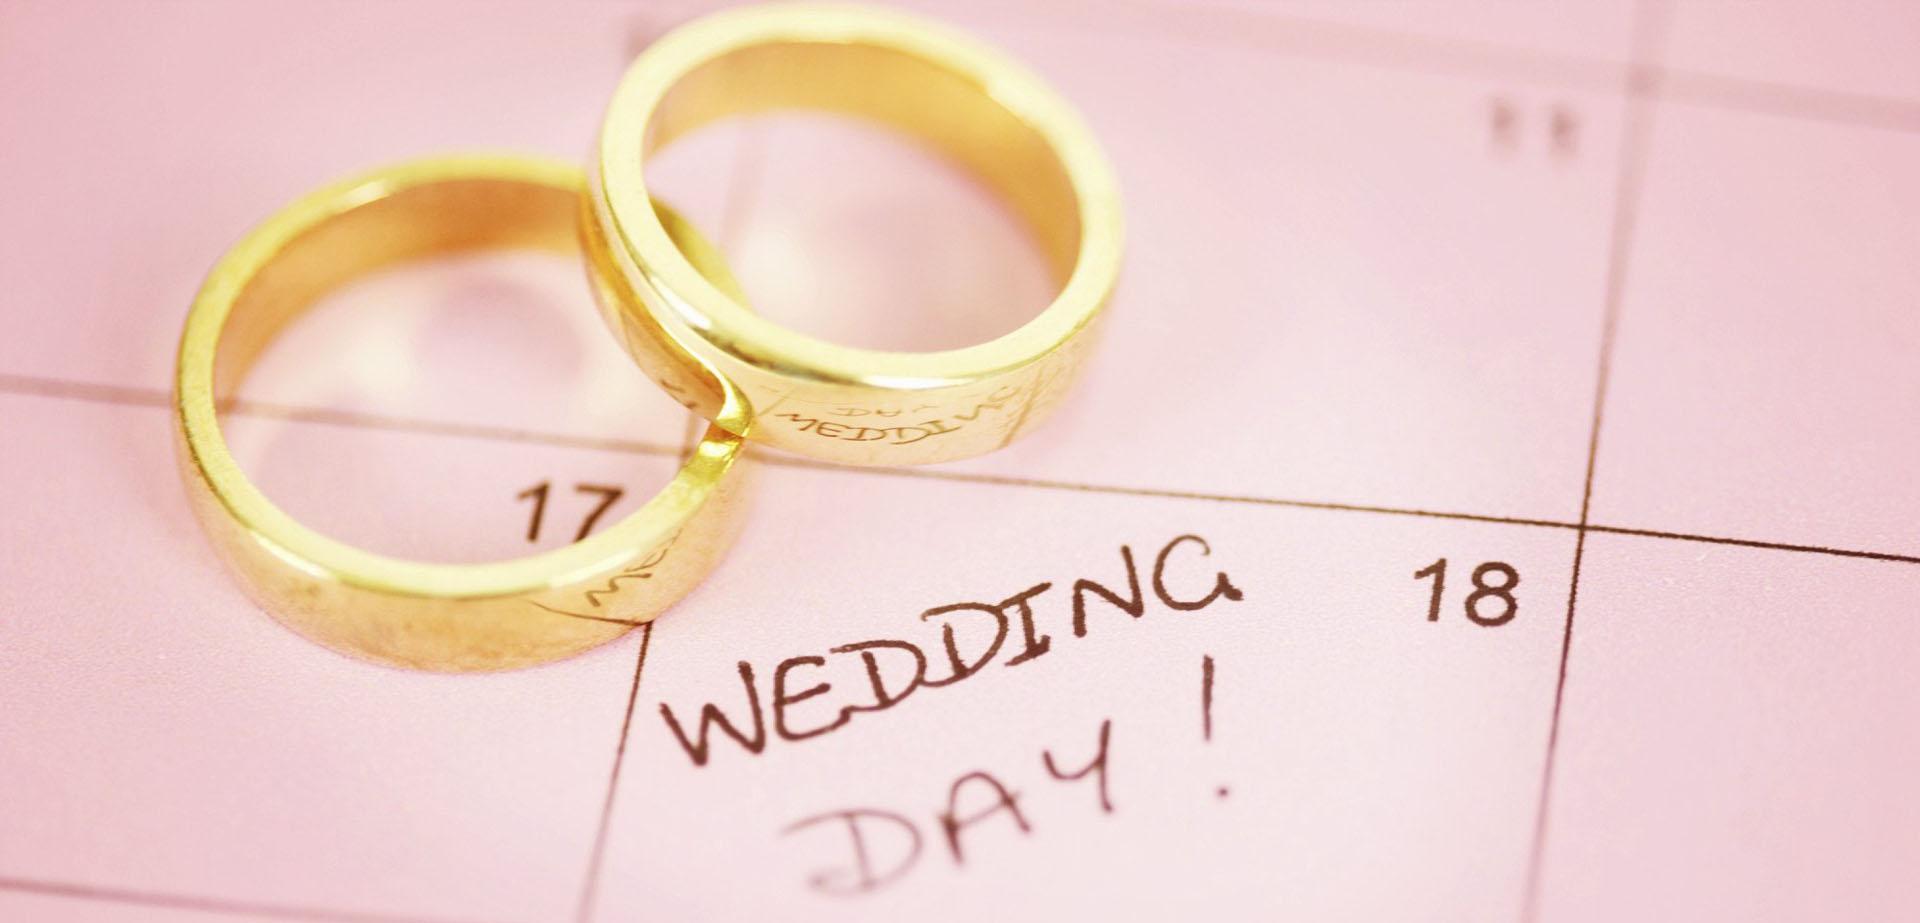 weddding_day